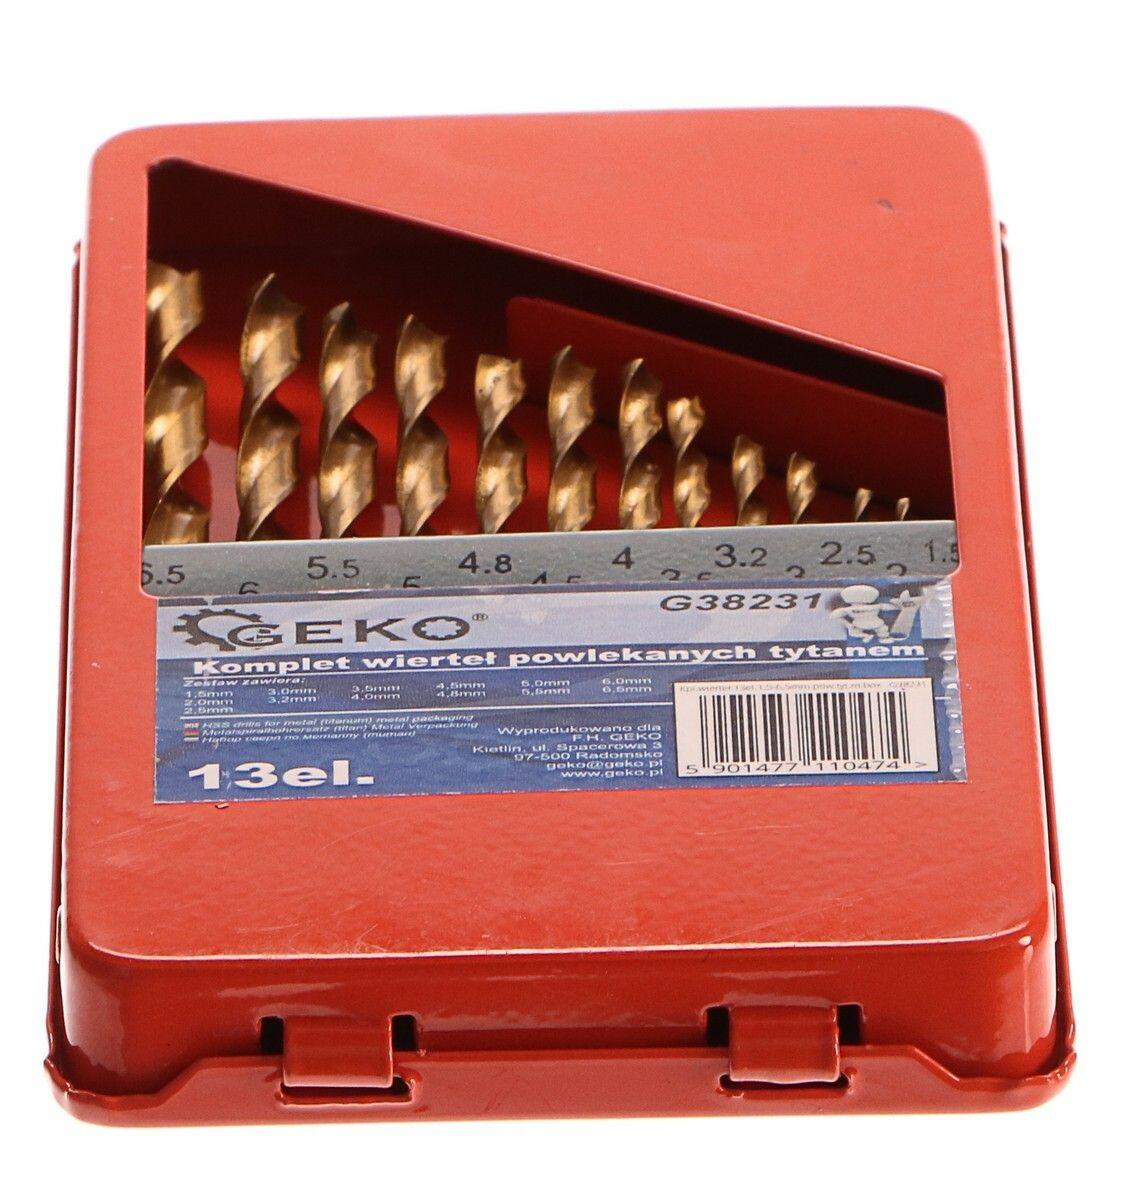 Vrtáky do kovu v krabičce, sada 13ks, 1,5-6,5mm, HSS GEKO